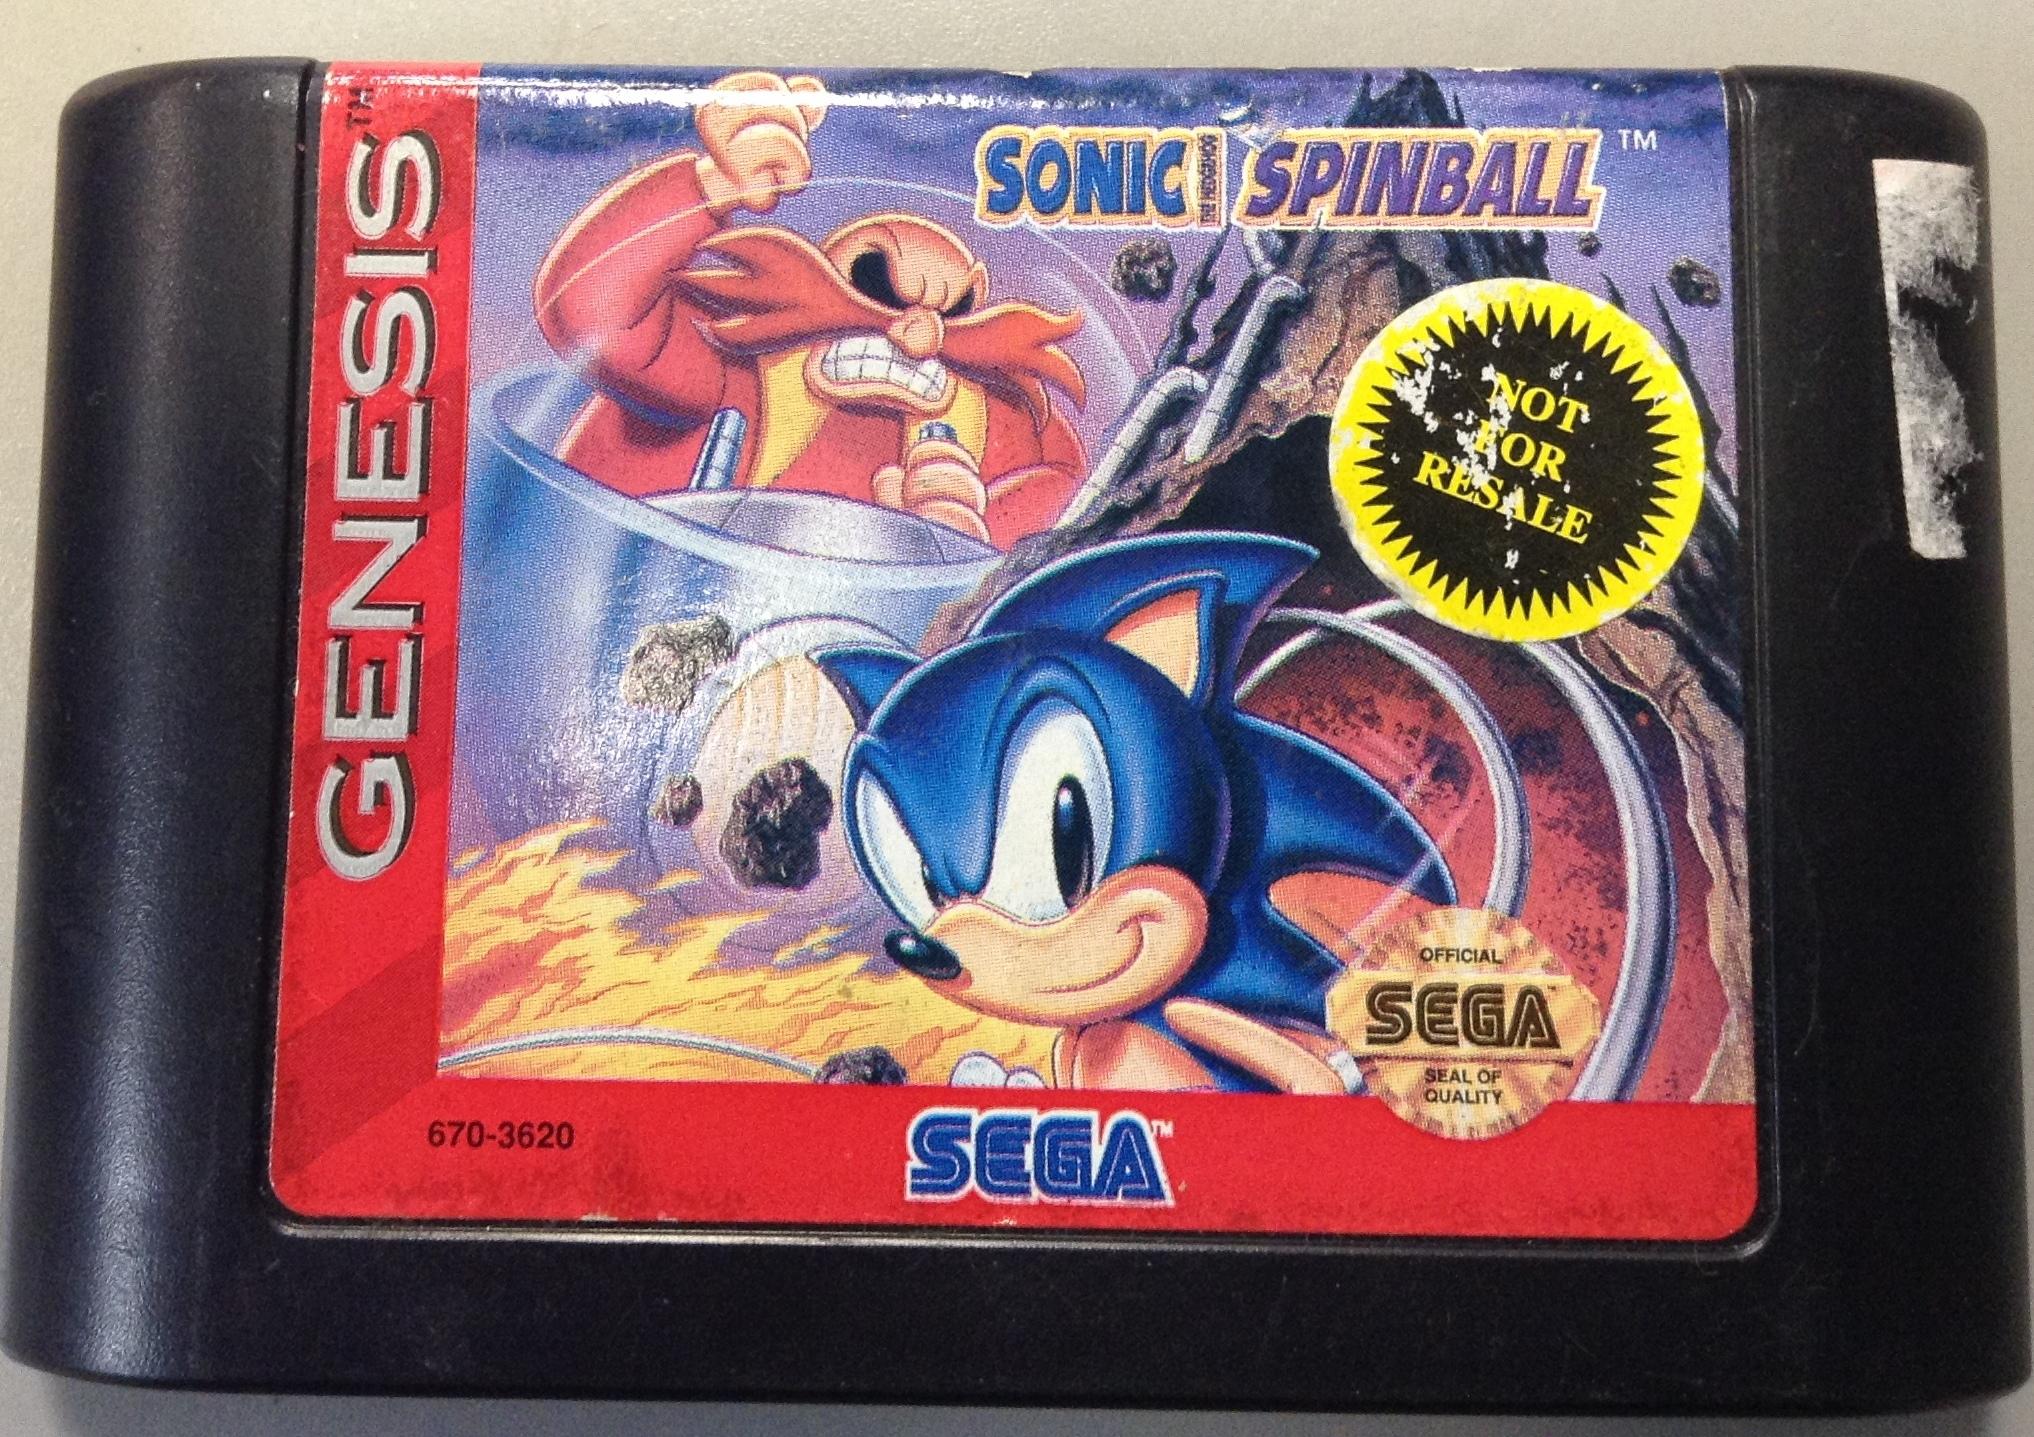 SONIC SPINBALL - SEGA GENESIS GAME